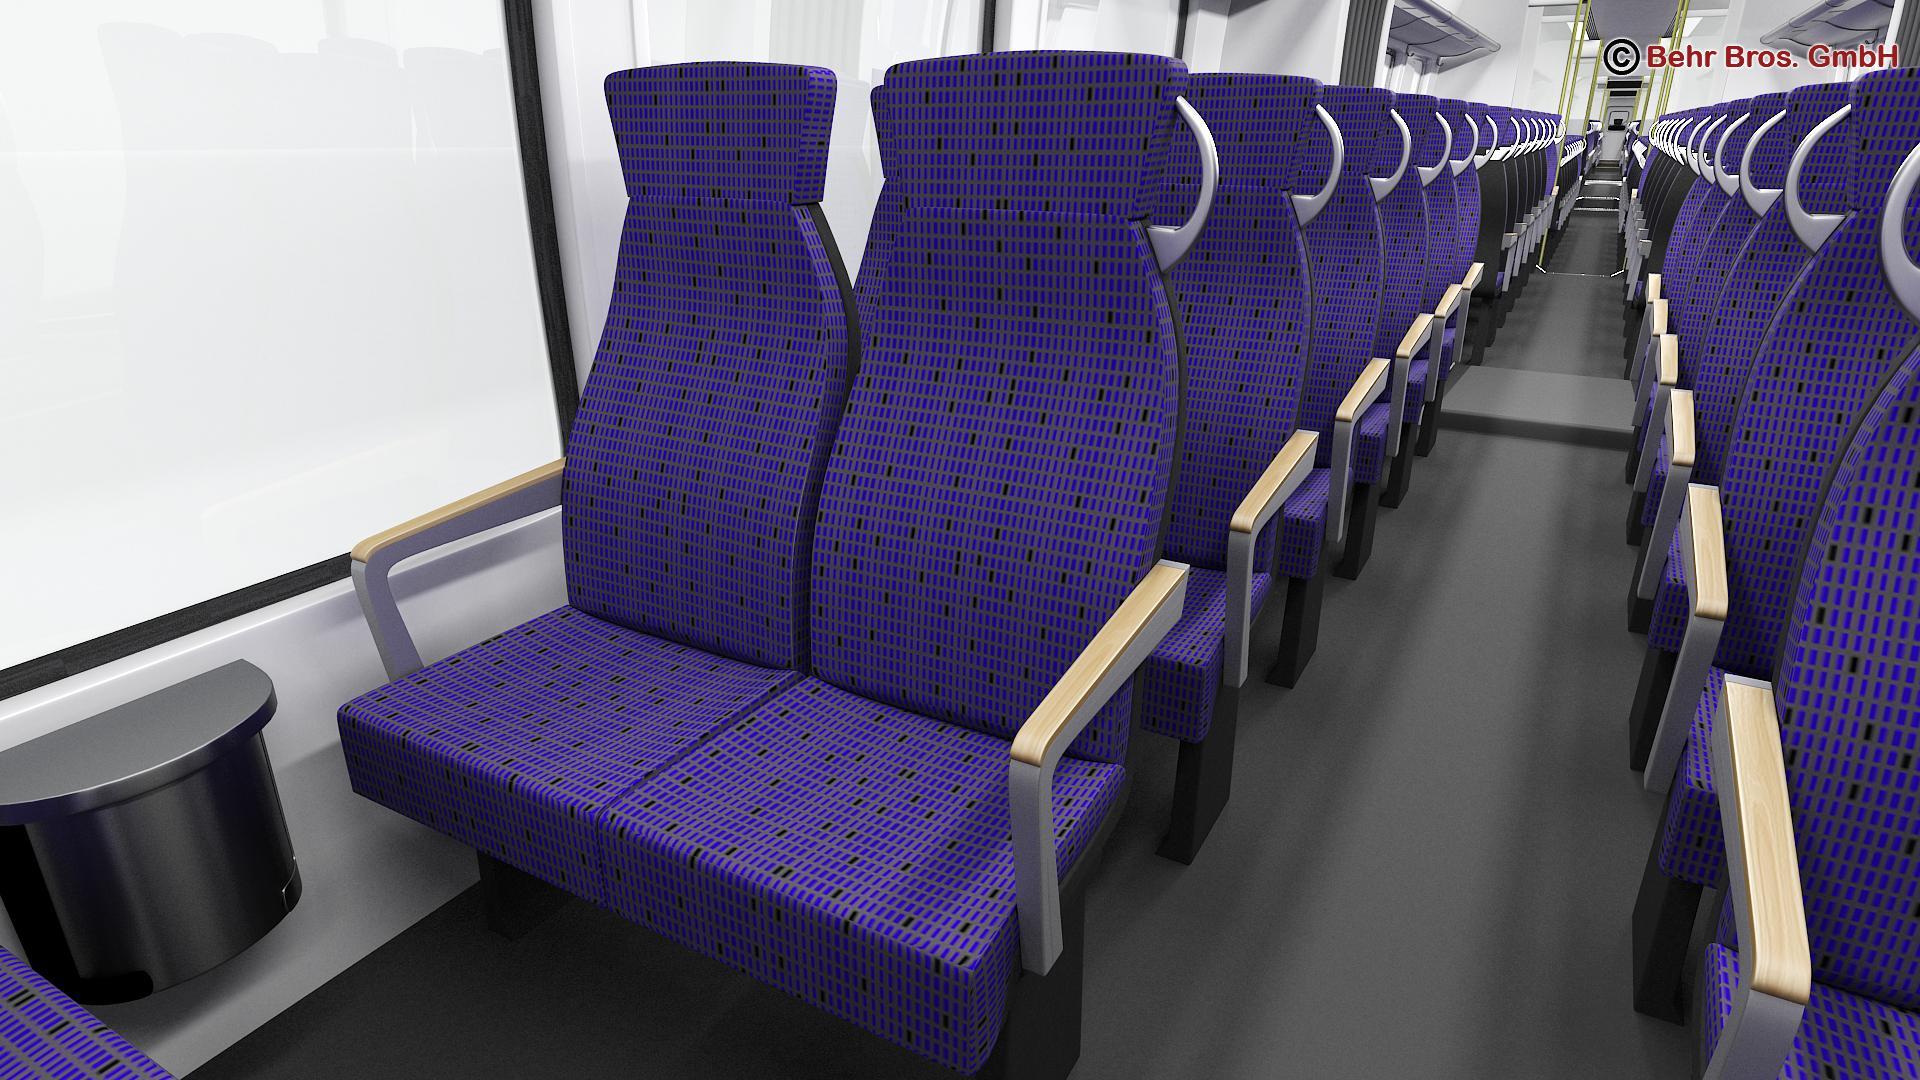 generic commuter train 3d model 3ds max fbx c4d ma mb obj 206646